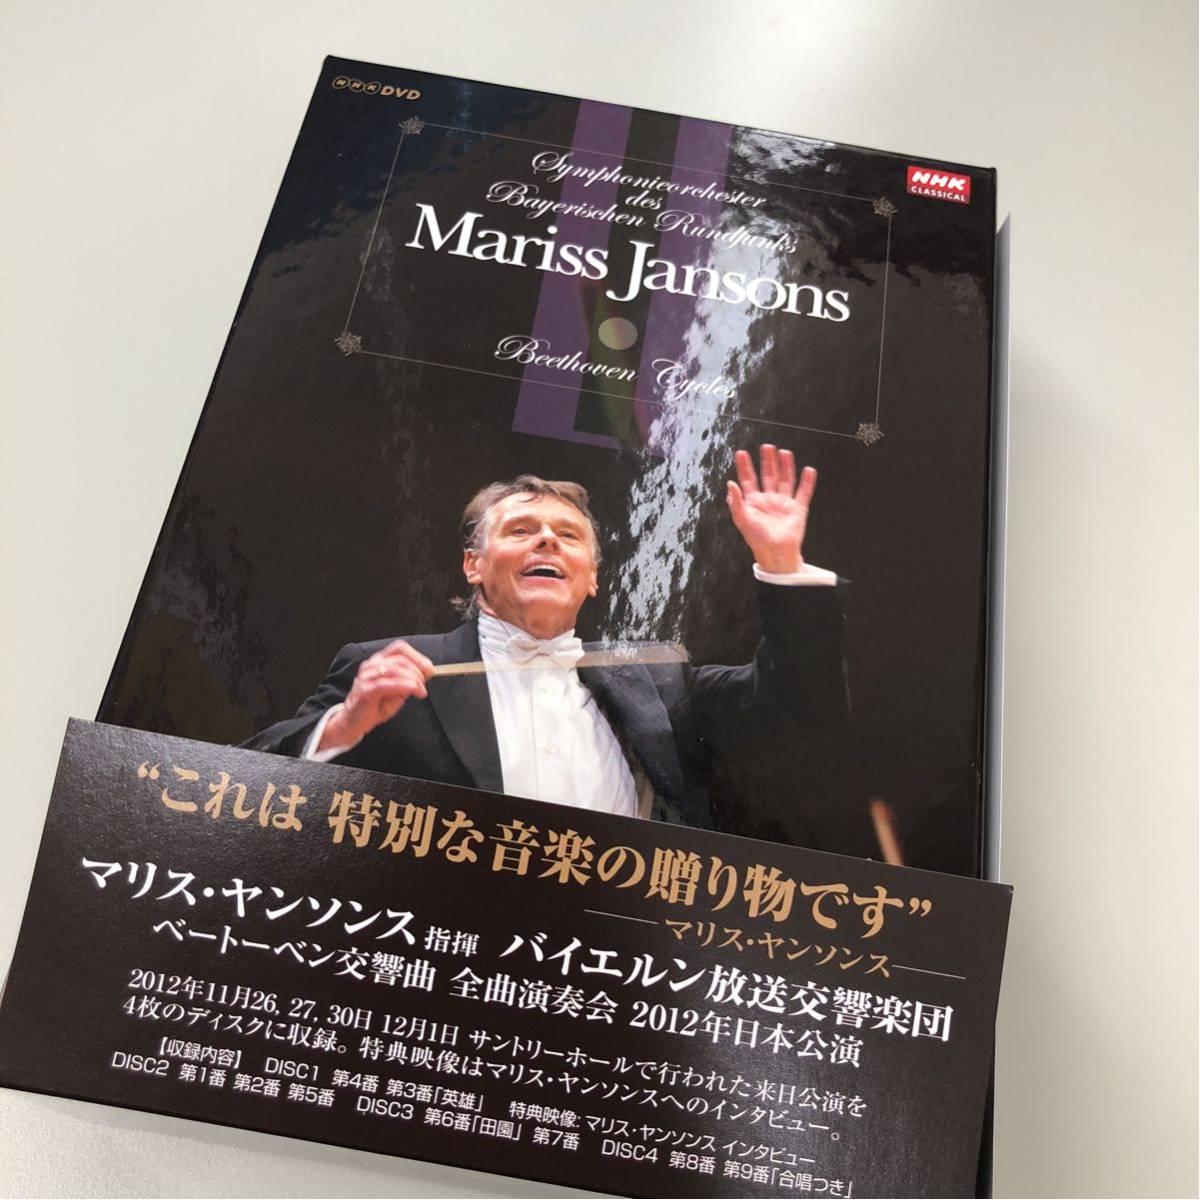 マリス・ヤンソンス指揮 バイエルン放送交響楽団 ベートーベン交響曲 全曲演奏会 2012年日本公演 DVD-BOX Mariss Jansons Beethoven